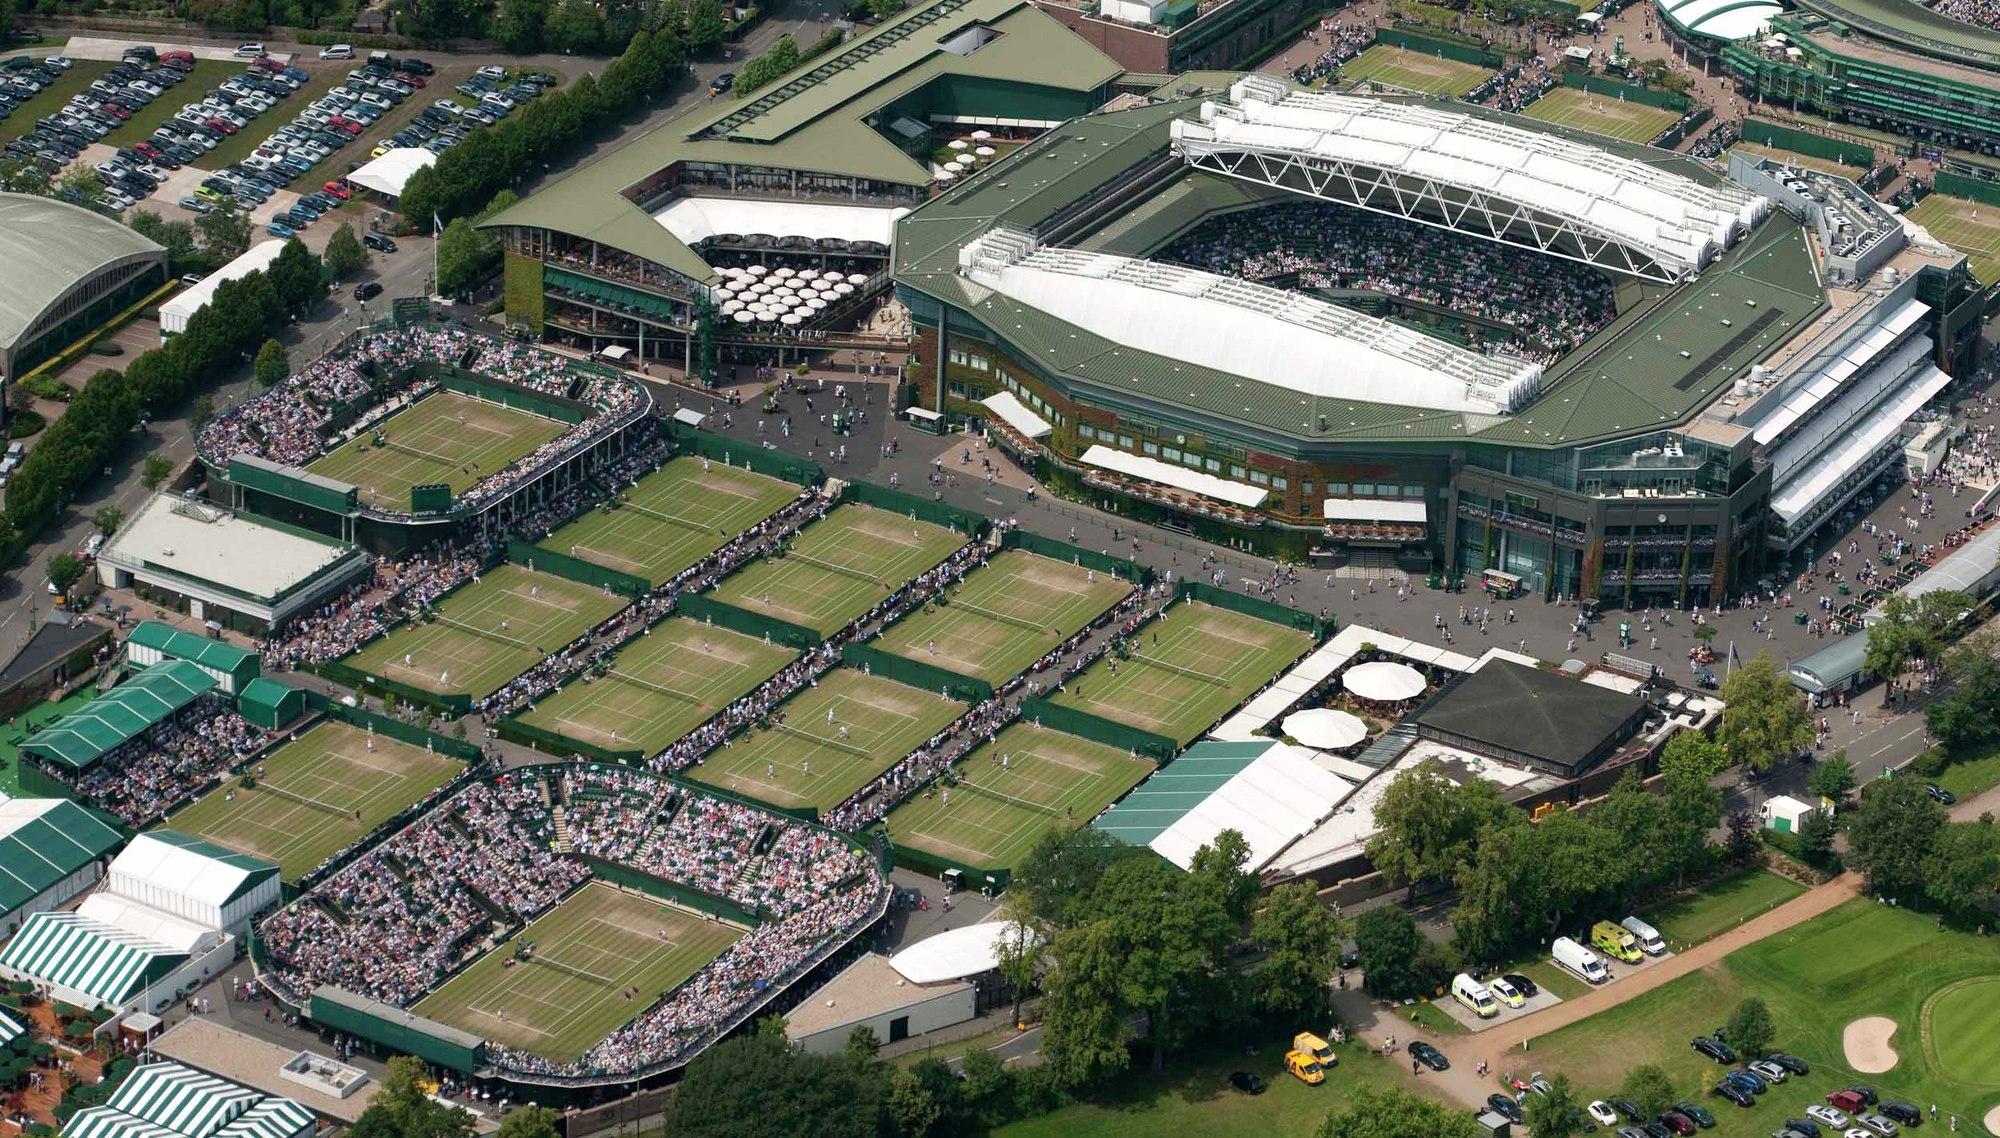 Preisgelder Wimbledon 2020